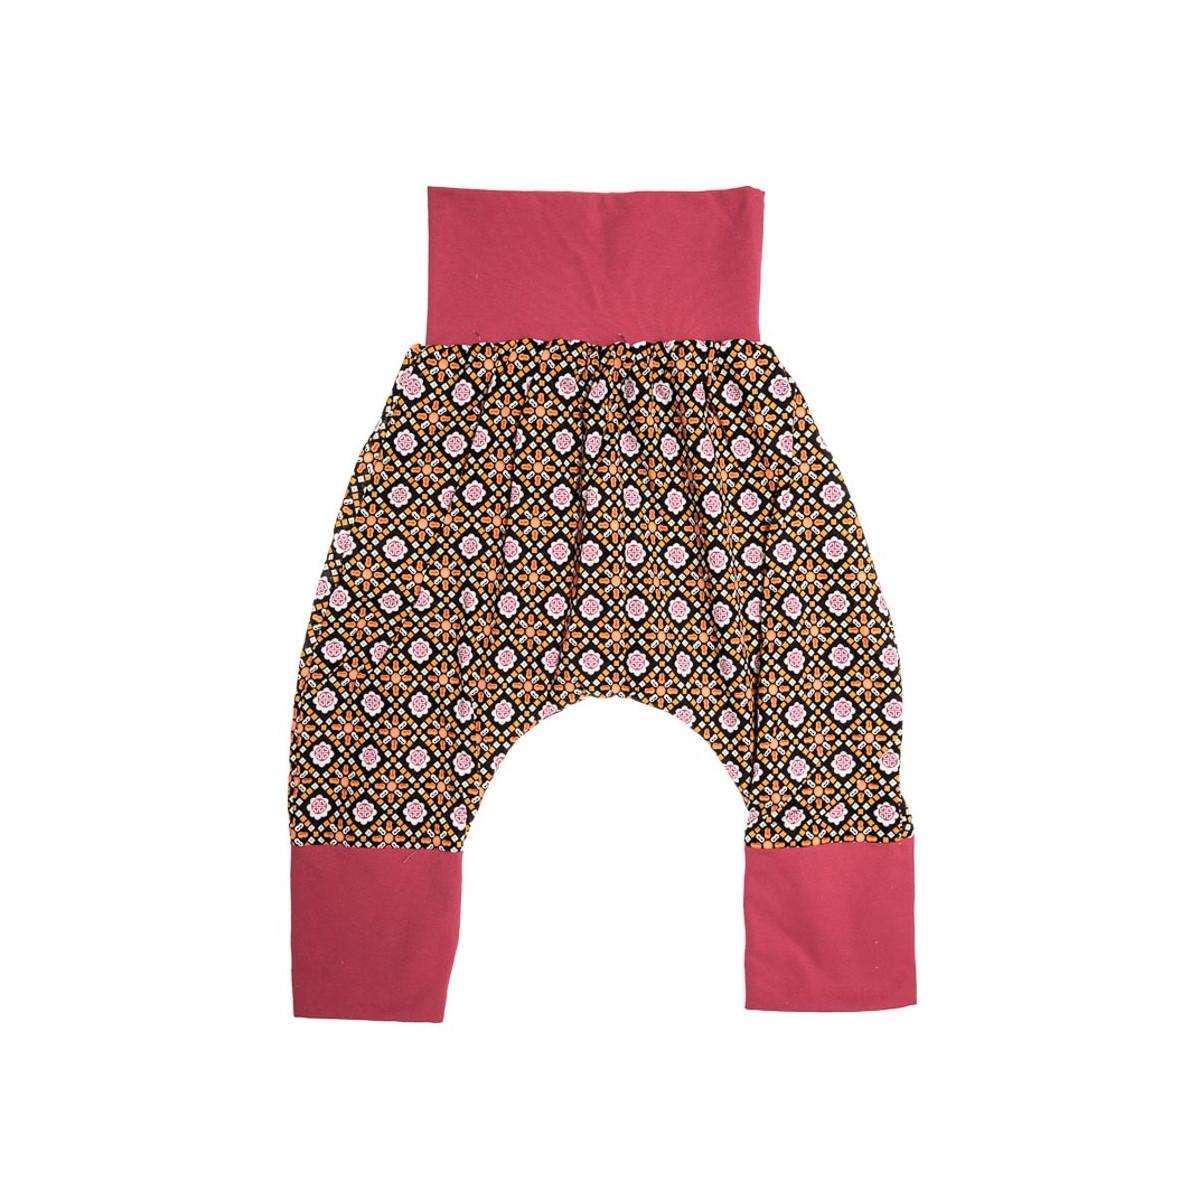 Pantalon sarouel doublé bébé 6-24 mois orange et noir